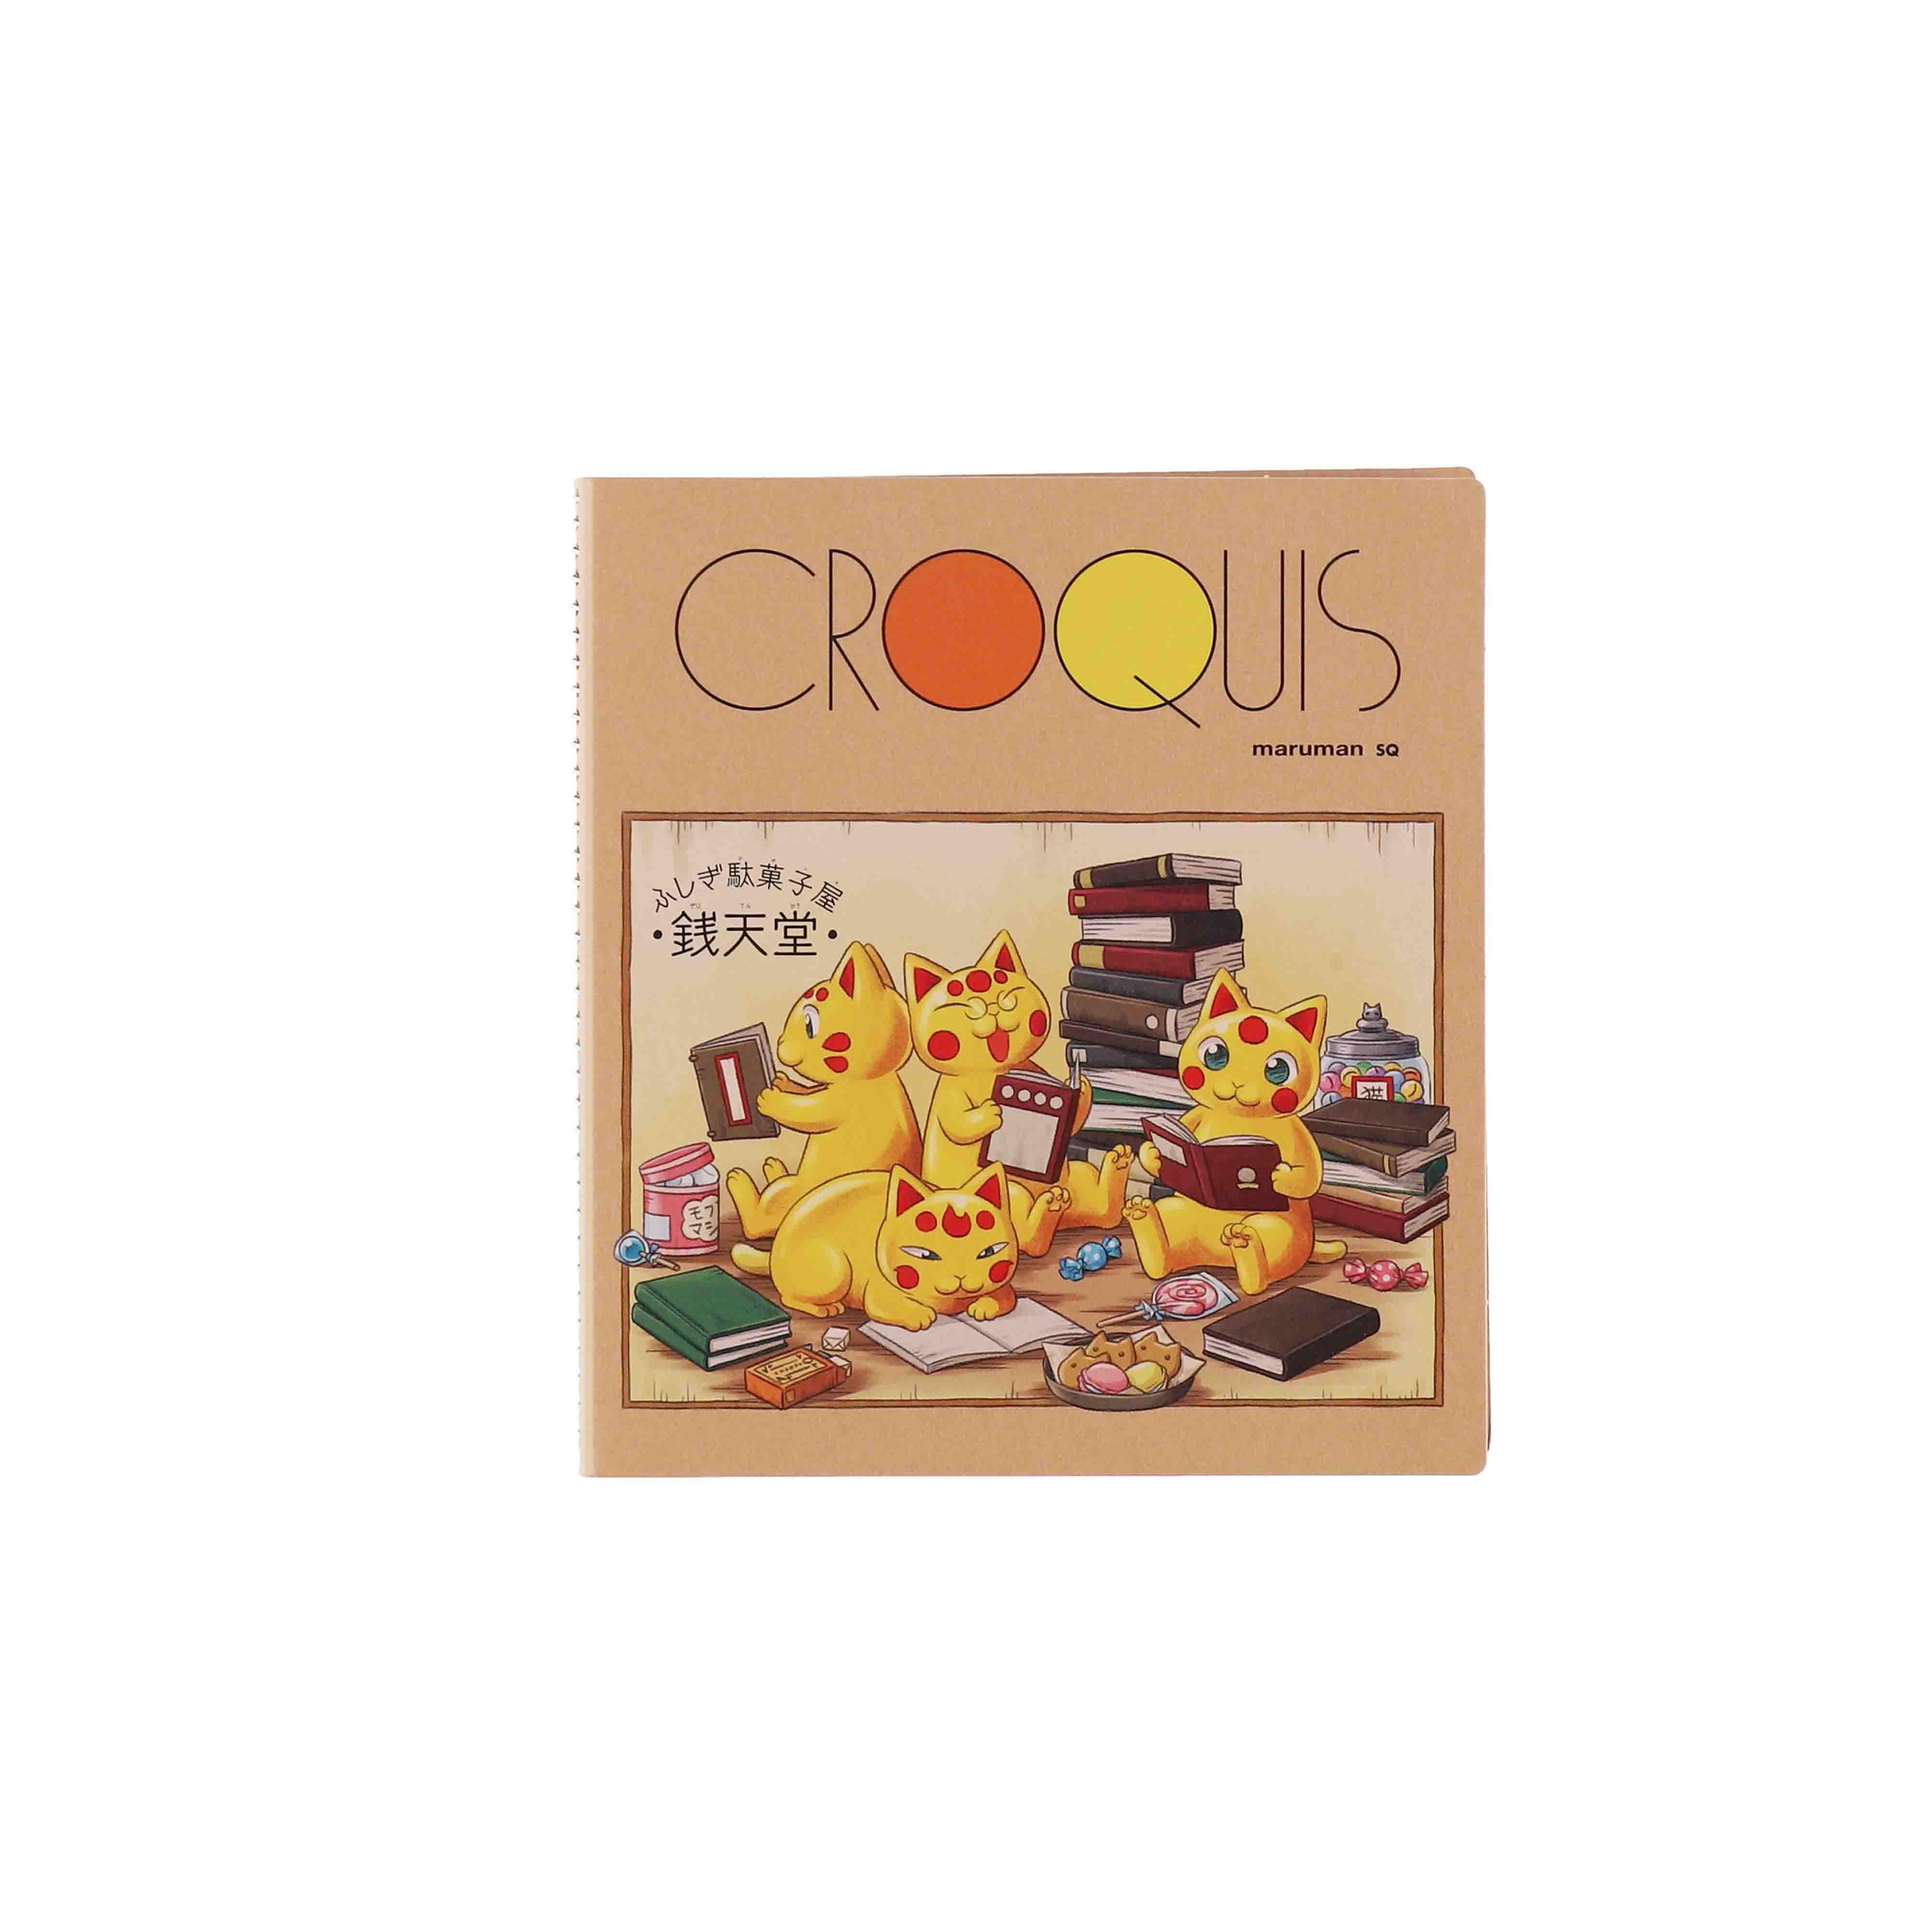 ふしぎ駄菓子屋 銭天堂 クロッキーブック